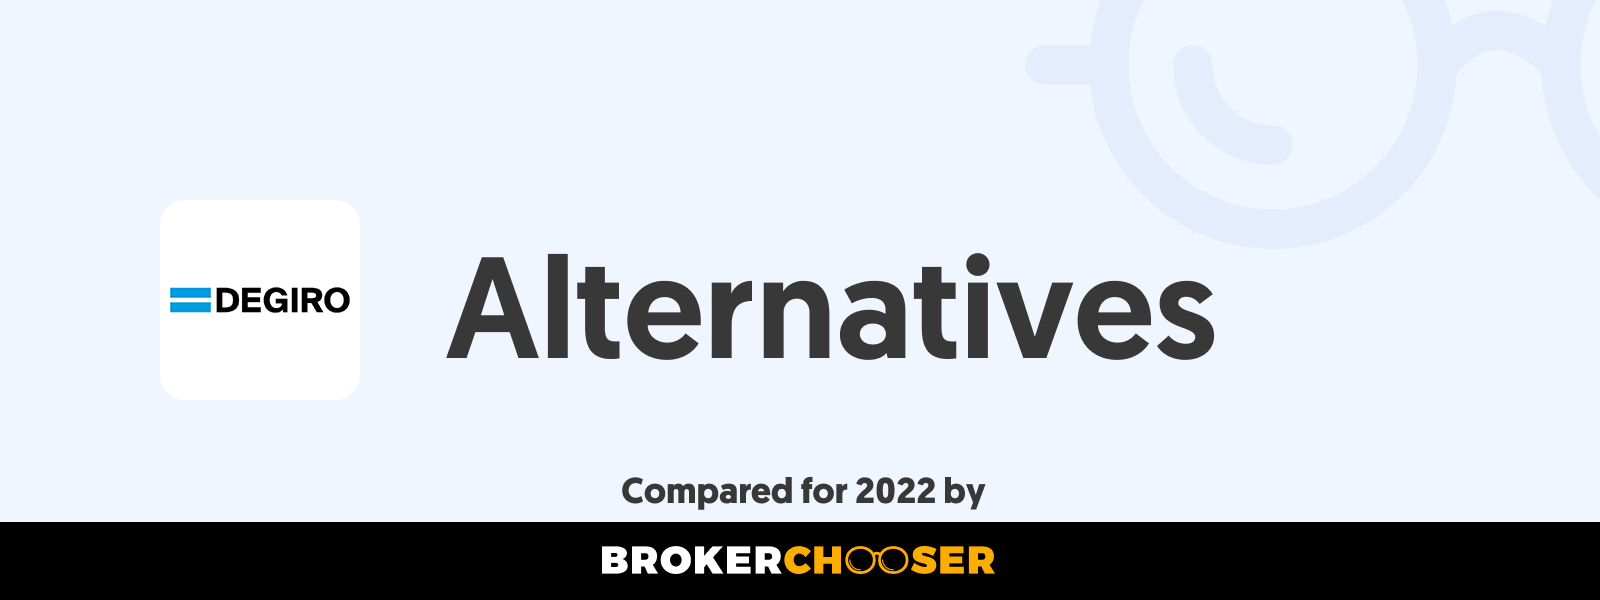 DEGIRO Alternatives